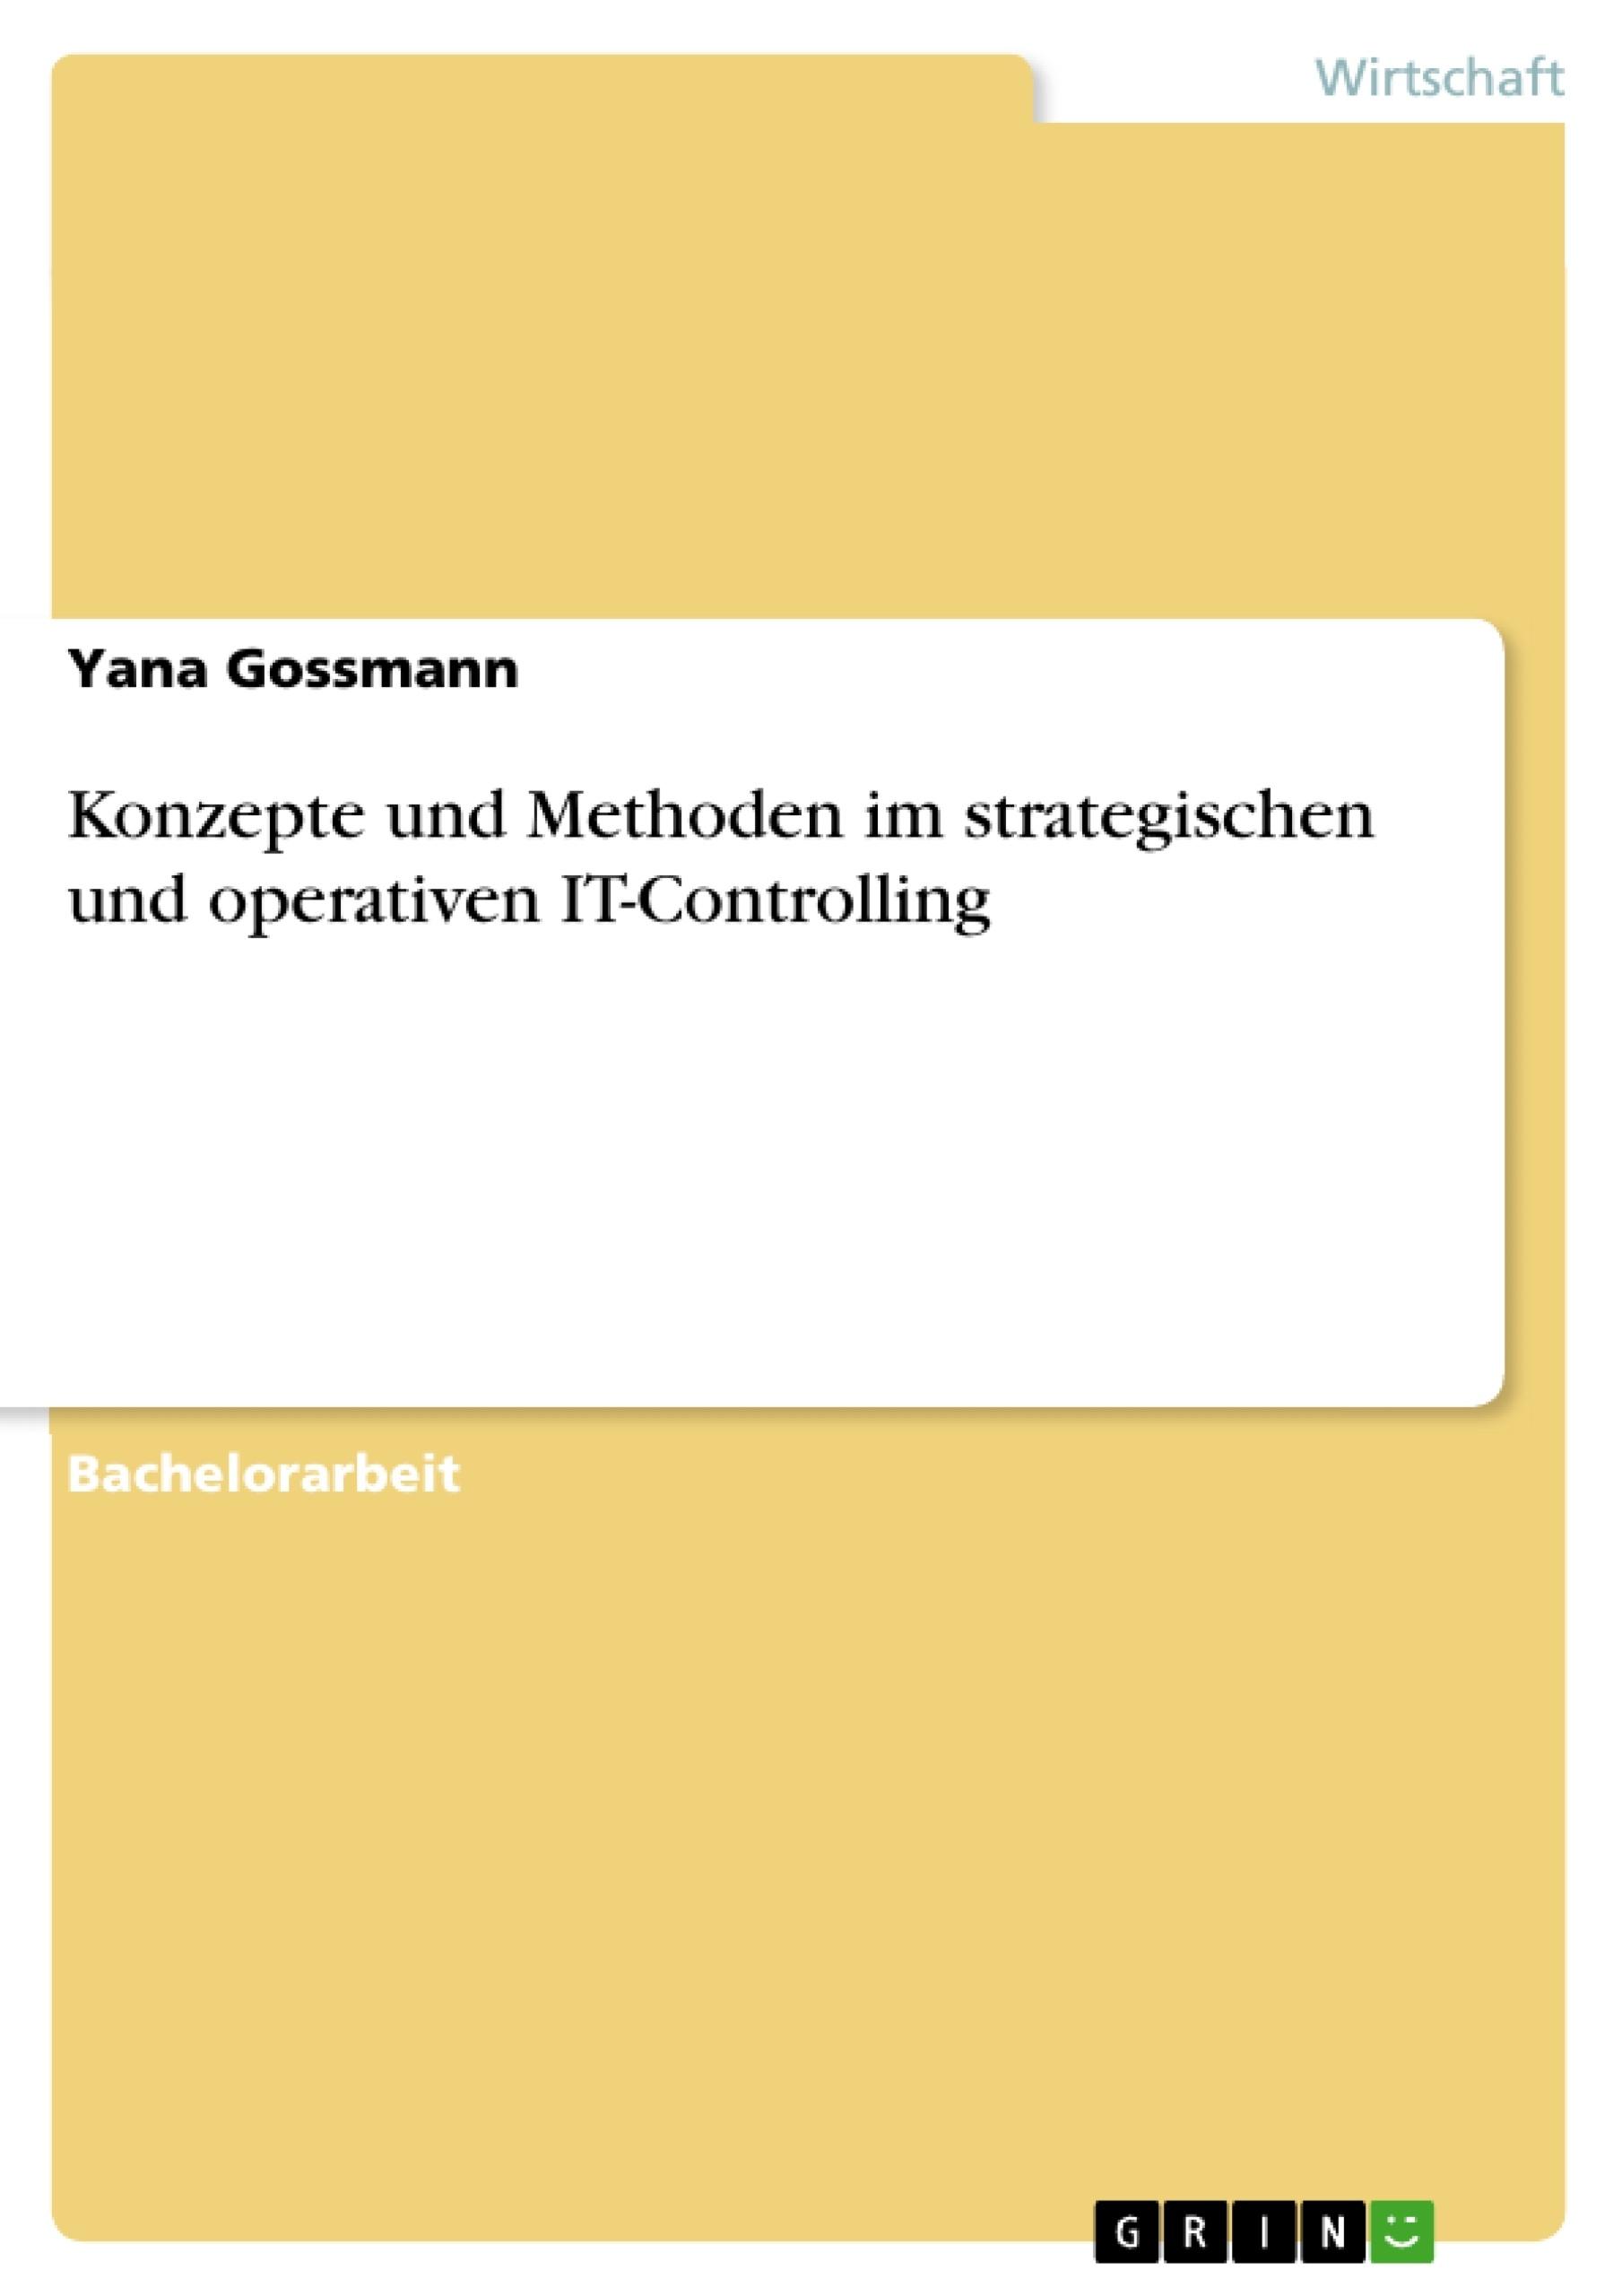 Titel: Konzepte und Methoden im strategischen und operativen IT-Controlling